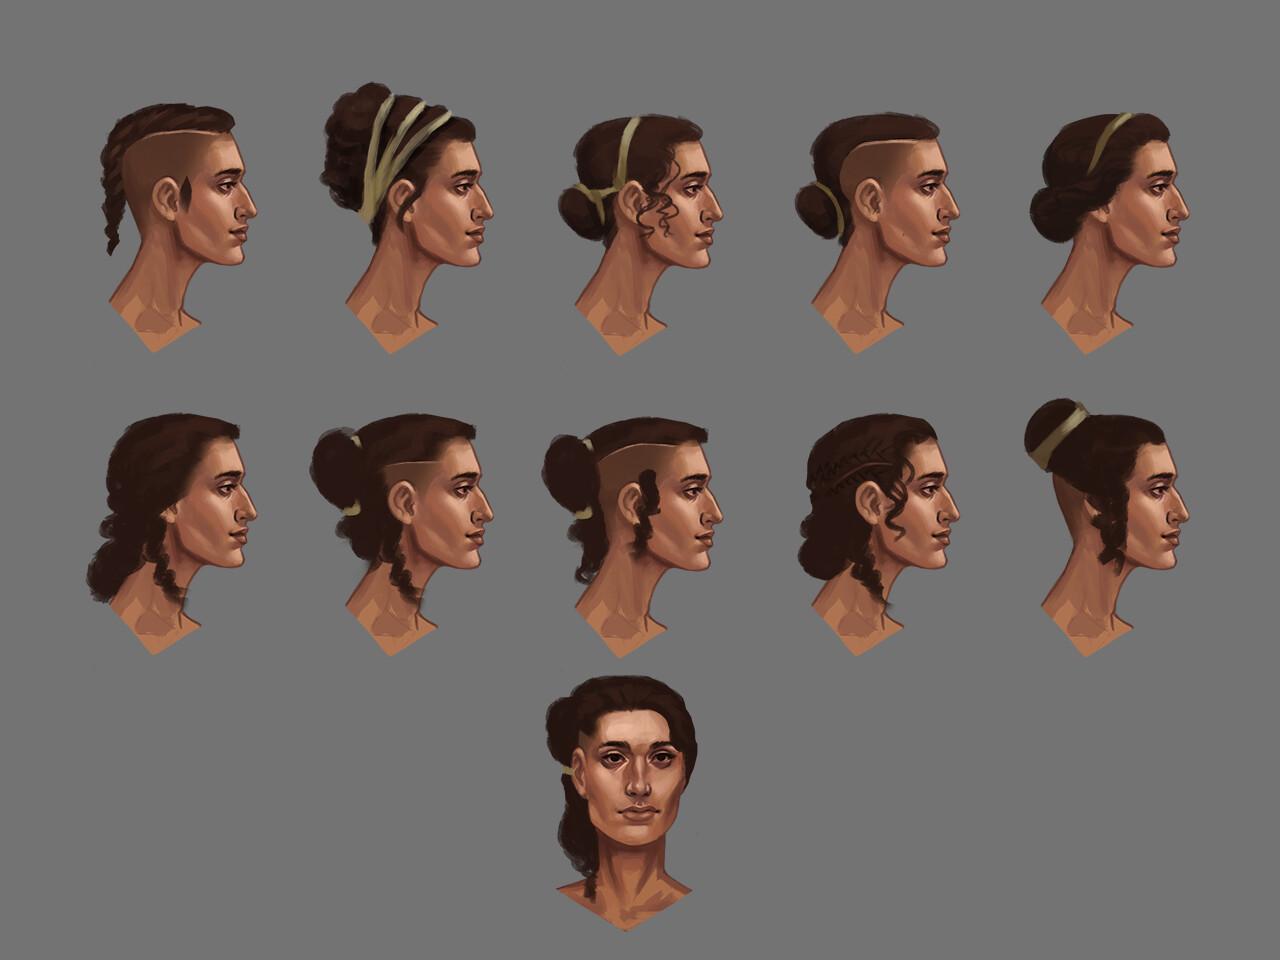 Elizabeth ware athena5 hair